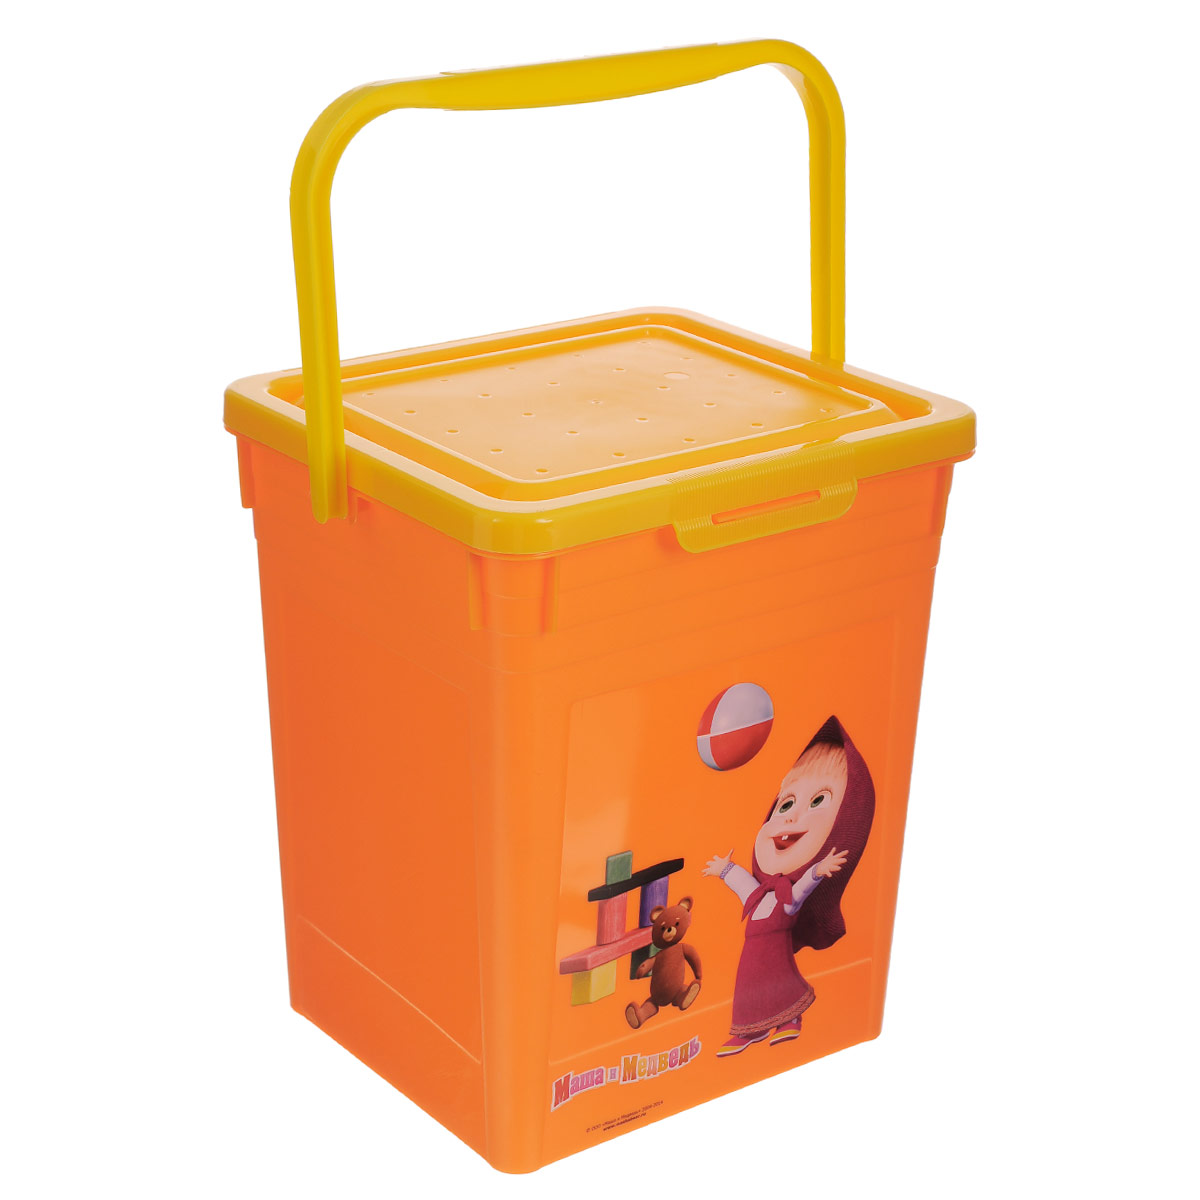 Контейнер для игрушек Бытпласт Маша и медведь, цвет: оранжевый, 23,5 х 20,5 х 25,2 смС13002Контейнер Бытпласт Маша и медведь выполнен из высококачественного полипропилена и предназначен для хранения небольших игрушек. Не содержит бисфенол А. Контейнер декорирован красочным изображением героя мультика Маша и медведь. Для удобства переноски имеется специальная пластиковая ручка. Контейнер плотно закрывается крышкой. Контейнер Маша и медведь очень вместителен и поможет вам хранить все необходимые мелочи в одном месте.